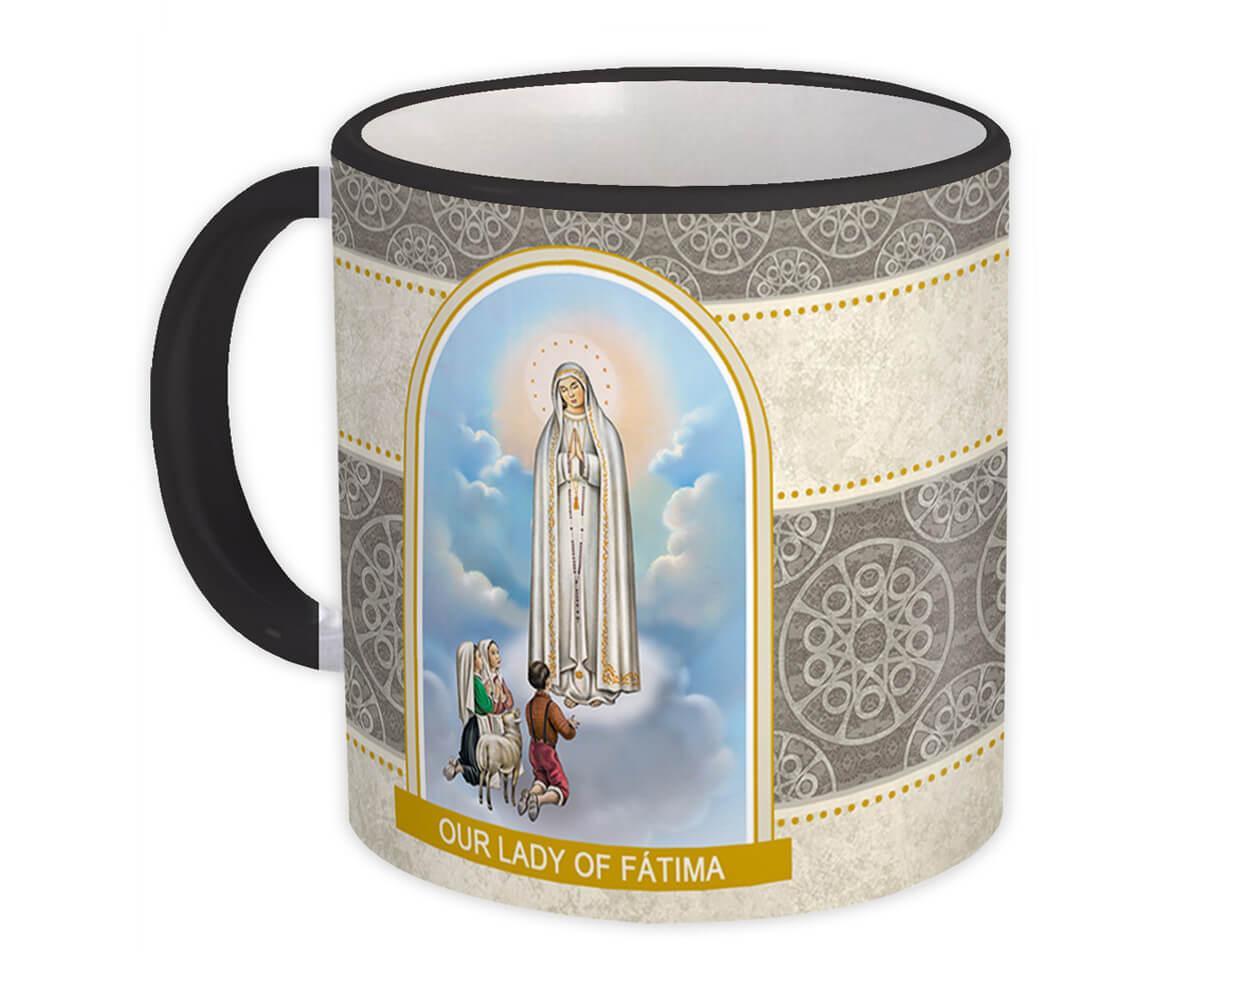 Our Lady of Fatima : Gift Mug Catholic Religious Virgin Saint